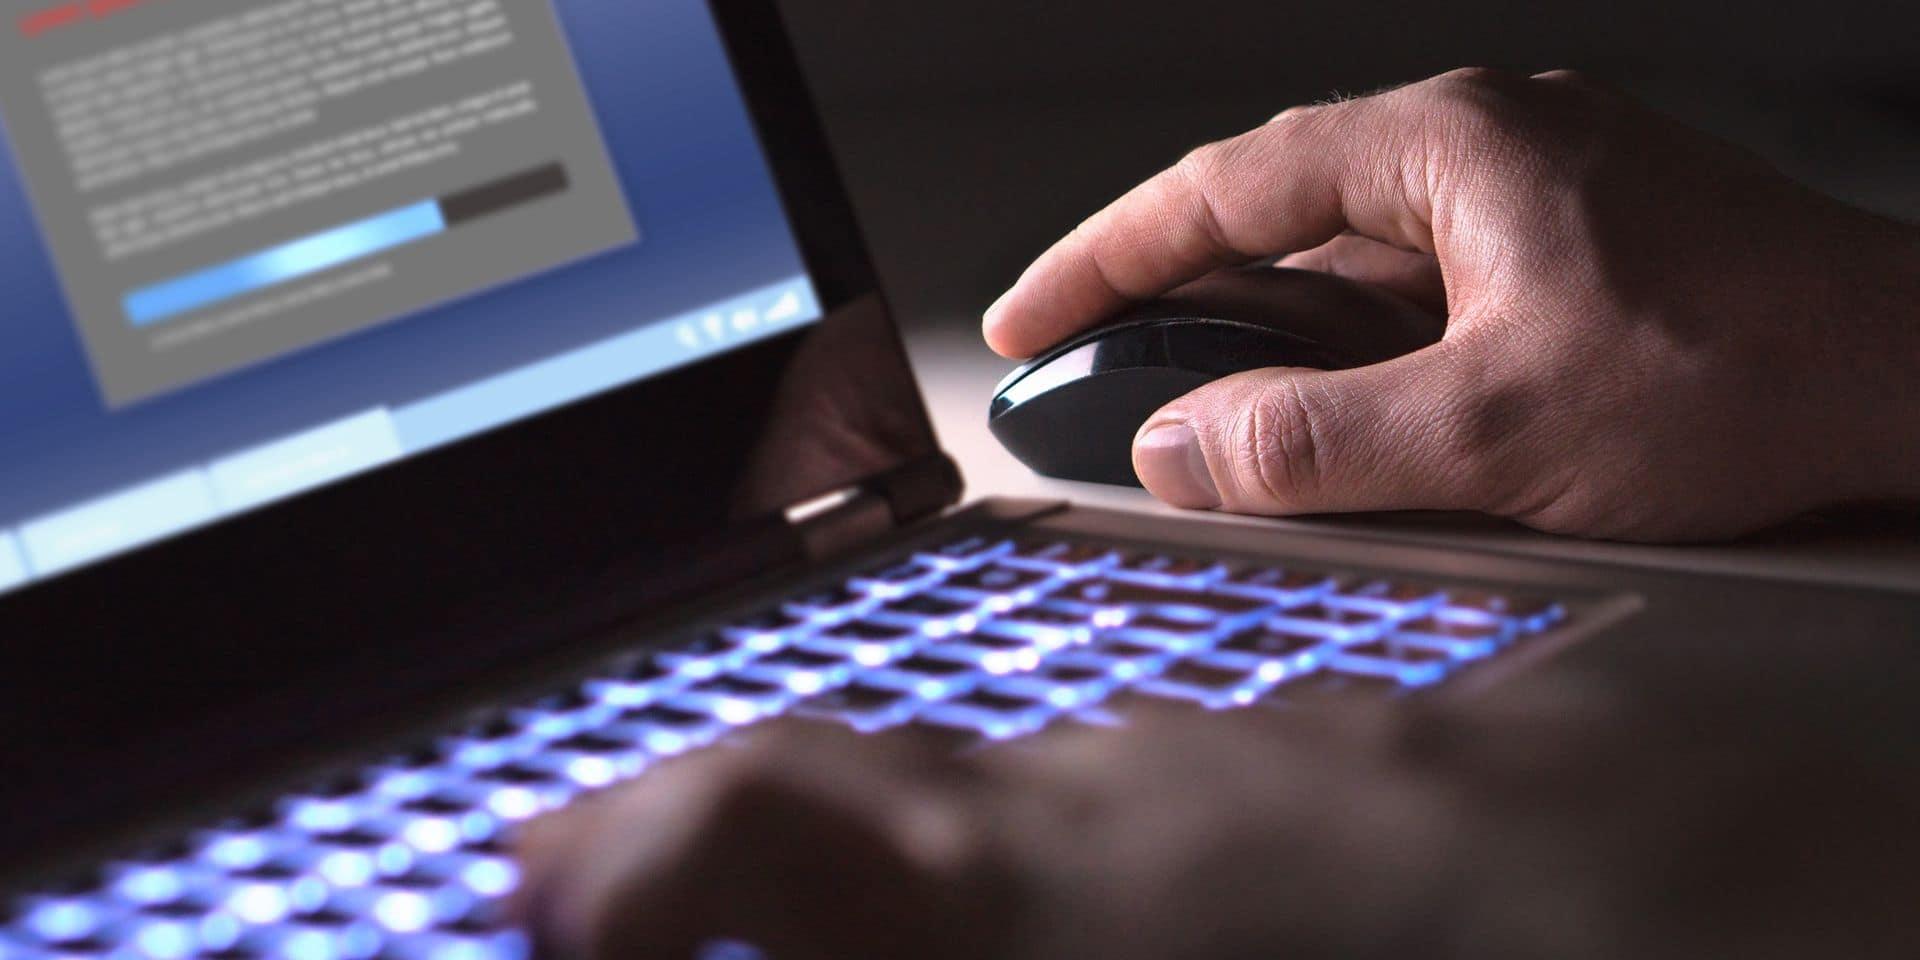 Présumé cyberespionnage chinois d'une entreprise belge: un pur mensonge selon l'ambassade